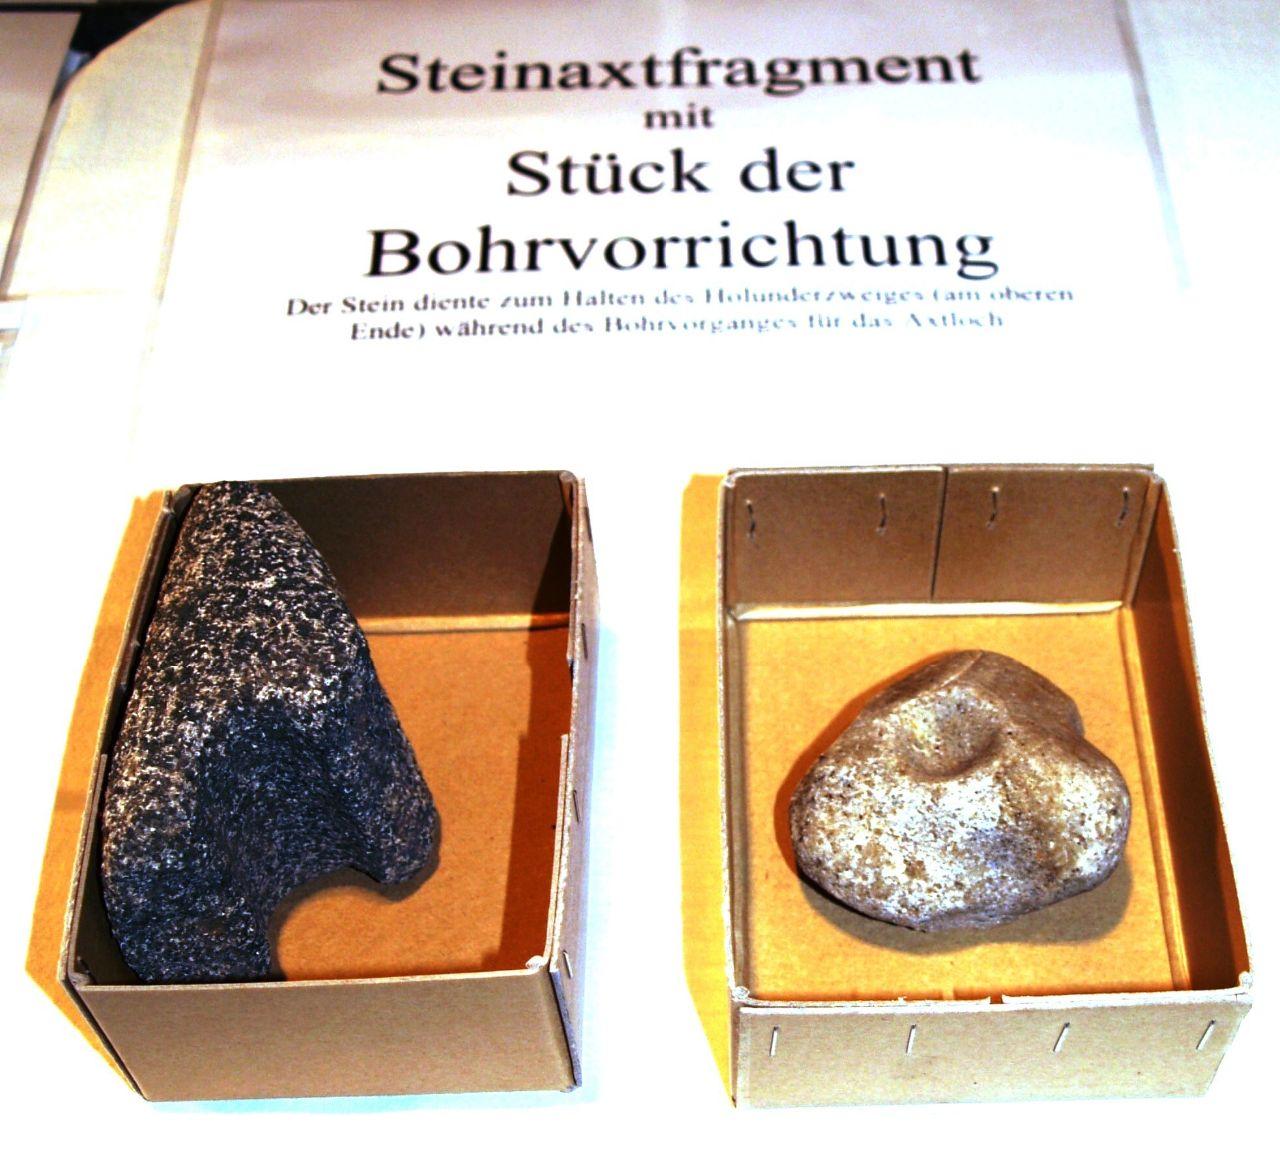 Steinaxtfragment